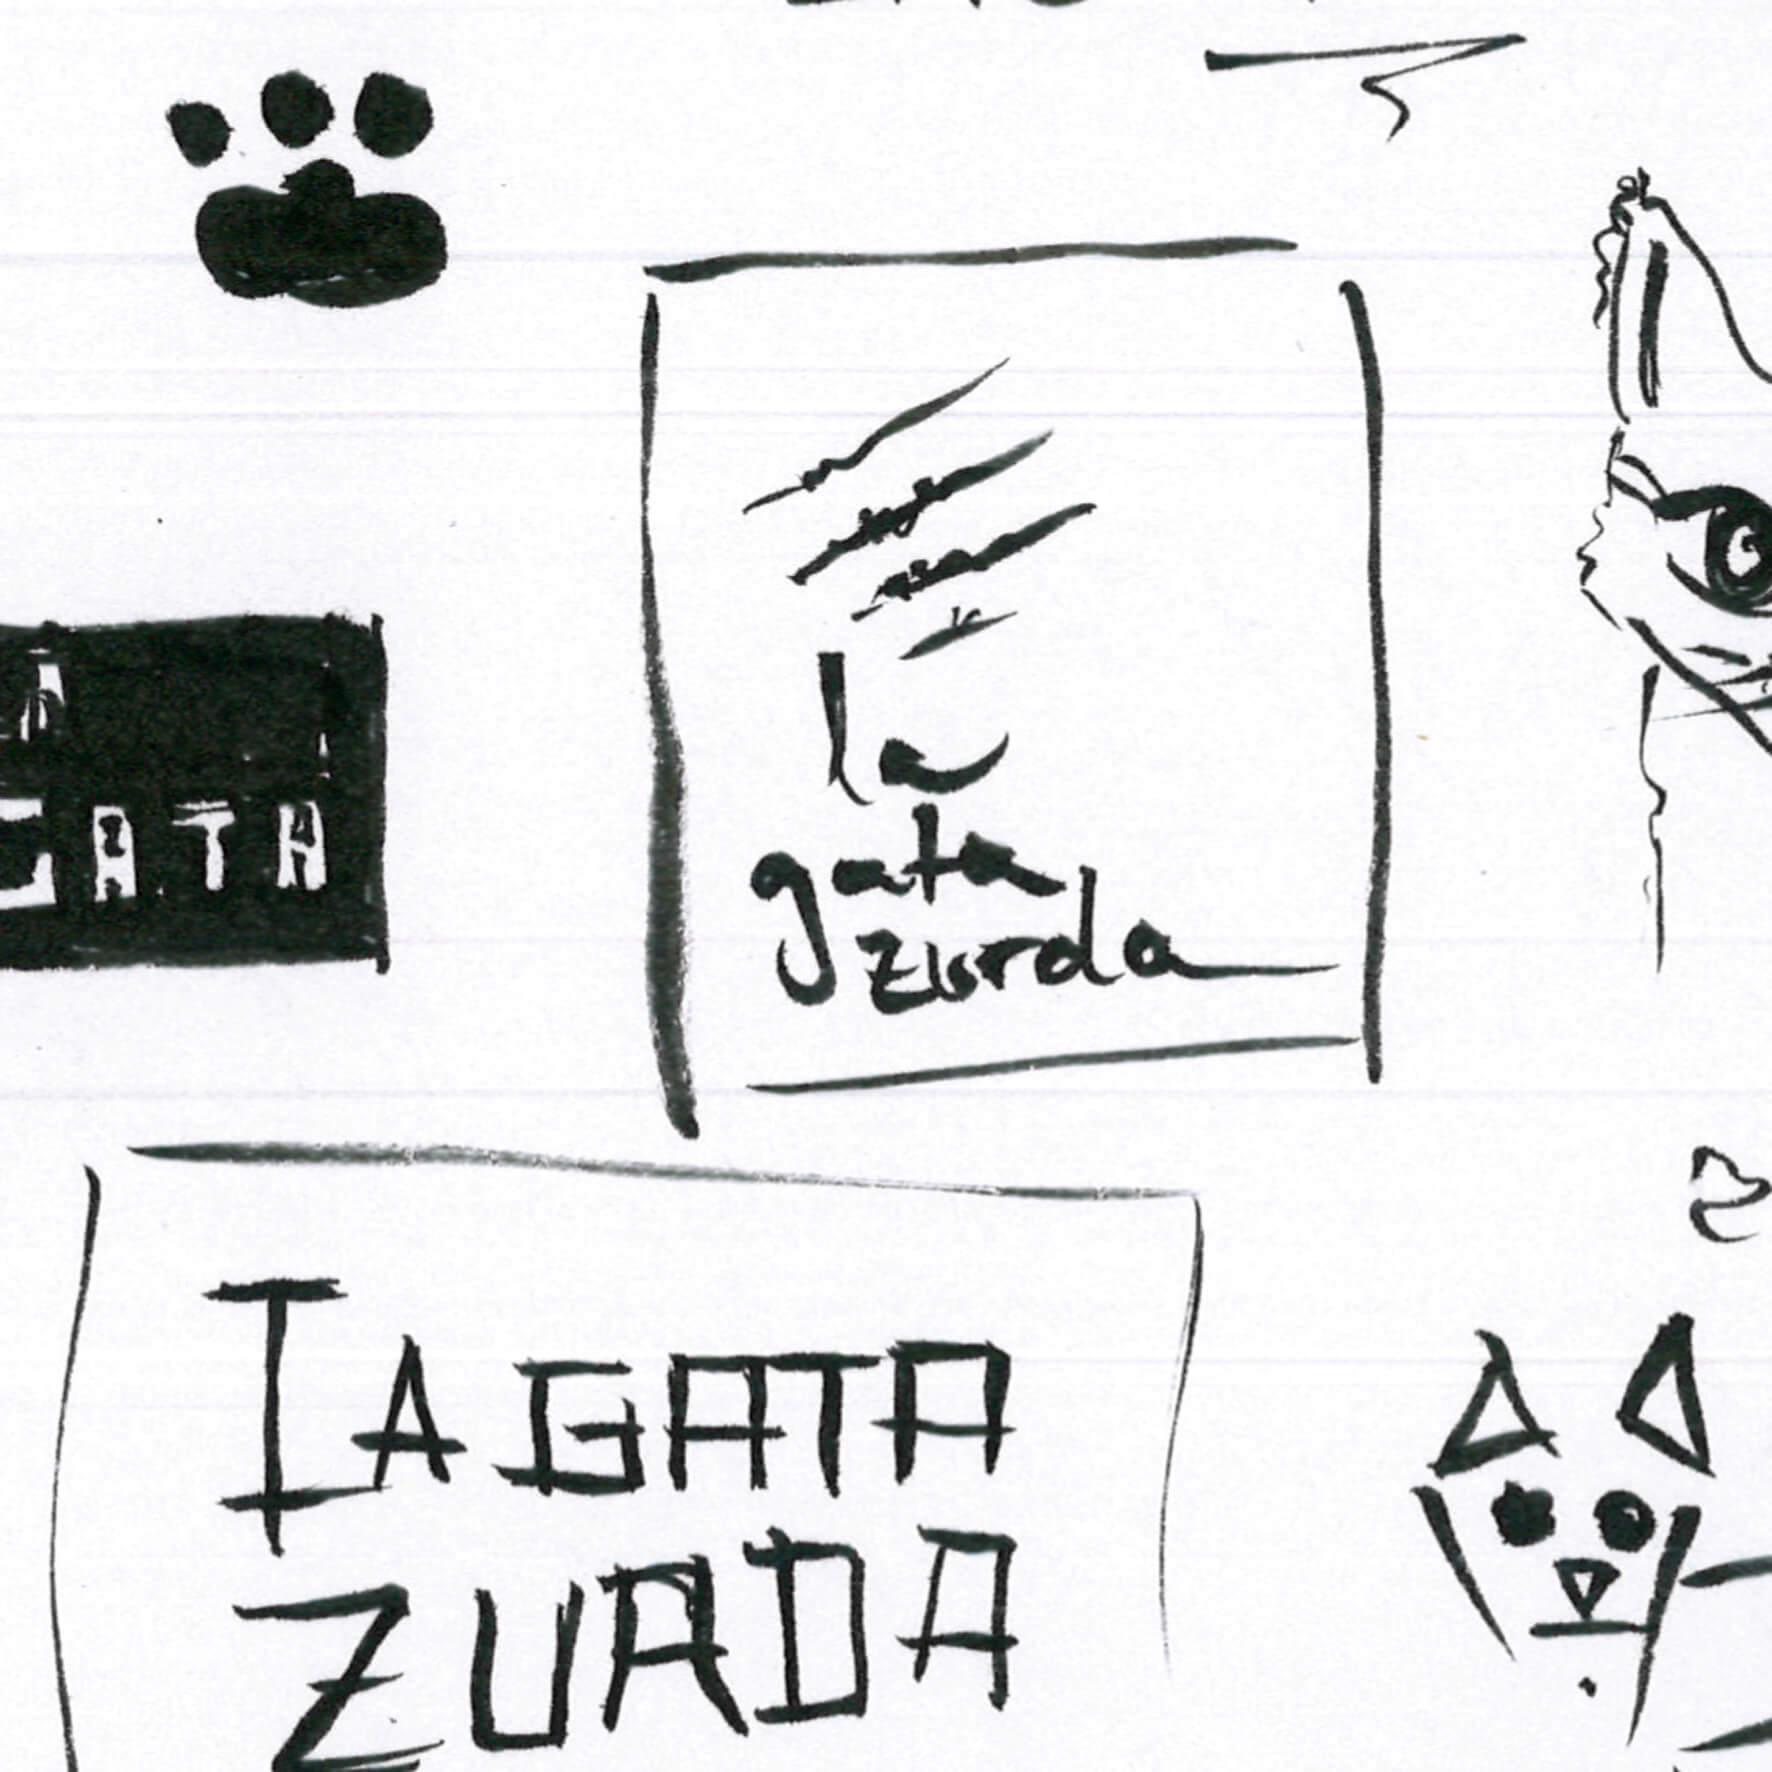 ¿Quién hay detrás de La Gata Zurda?